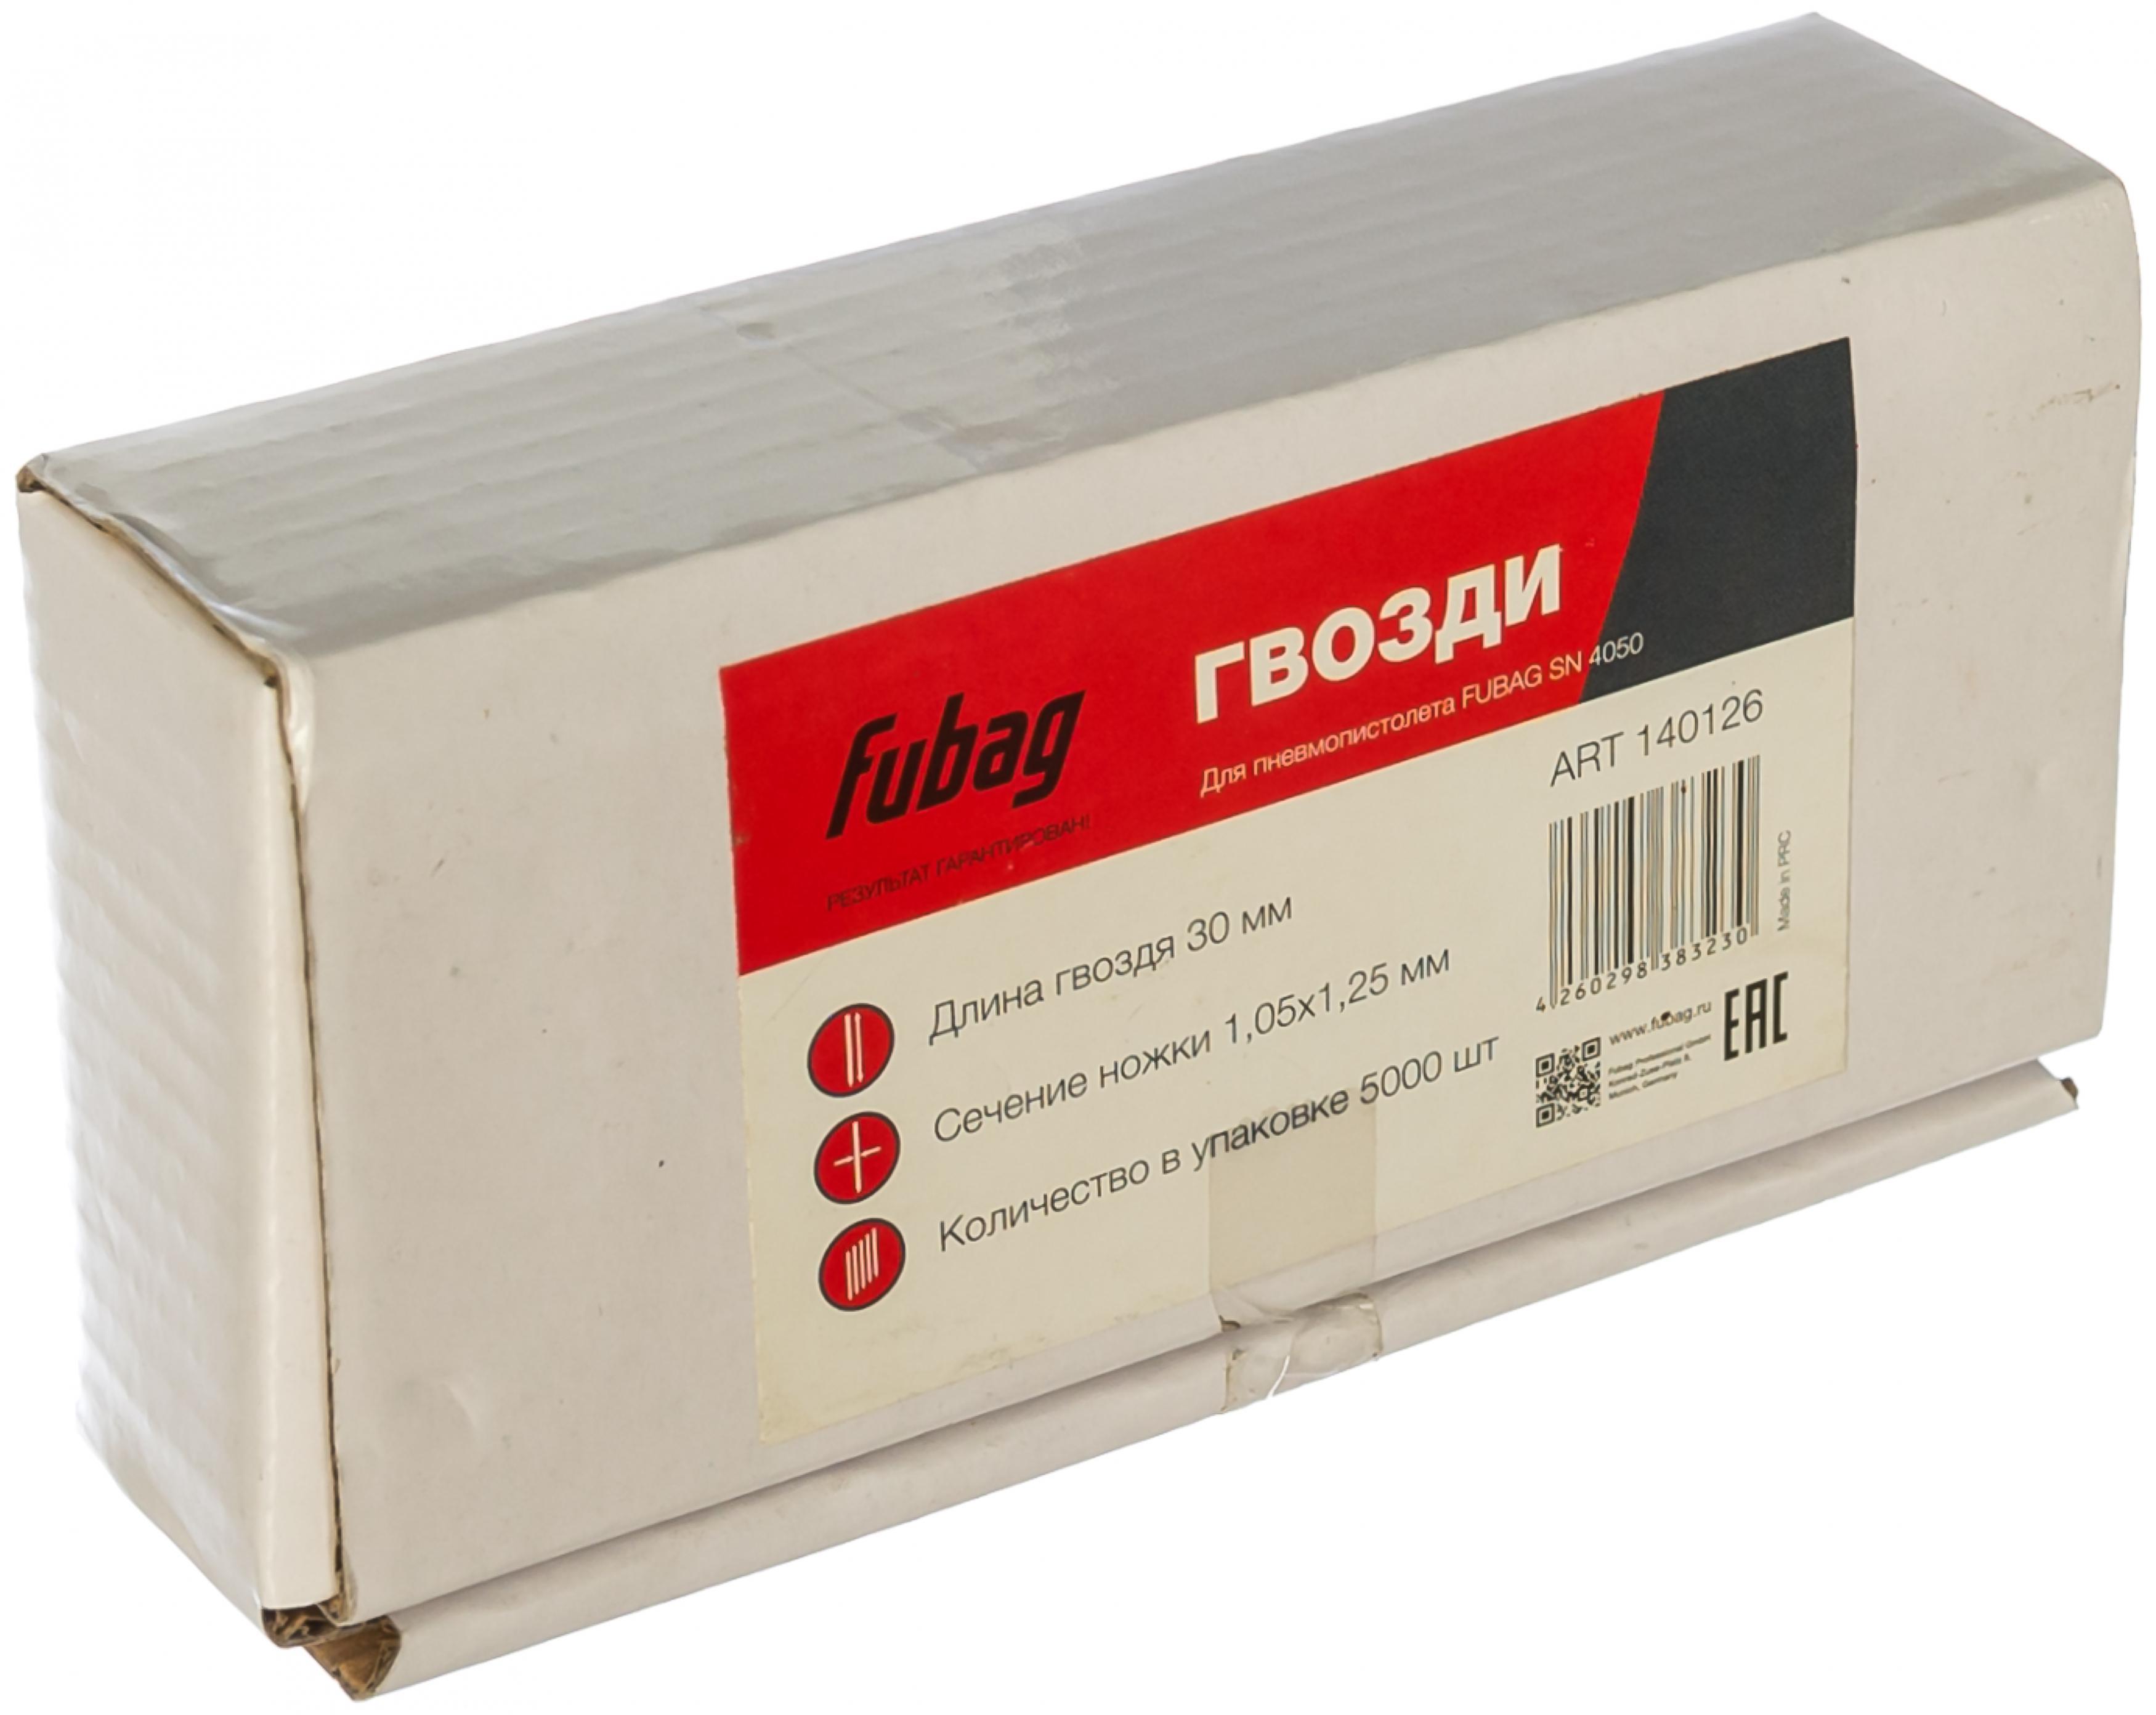 Гвозди для степлера Fubag для sn4050 140126 cкобы fubag для sn4050 1 05x1 25 мм 5 7x40 0 5000шт 140137